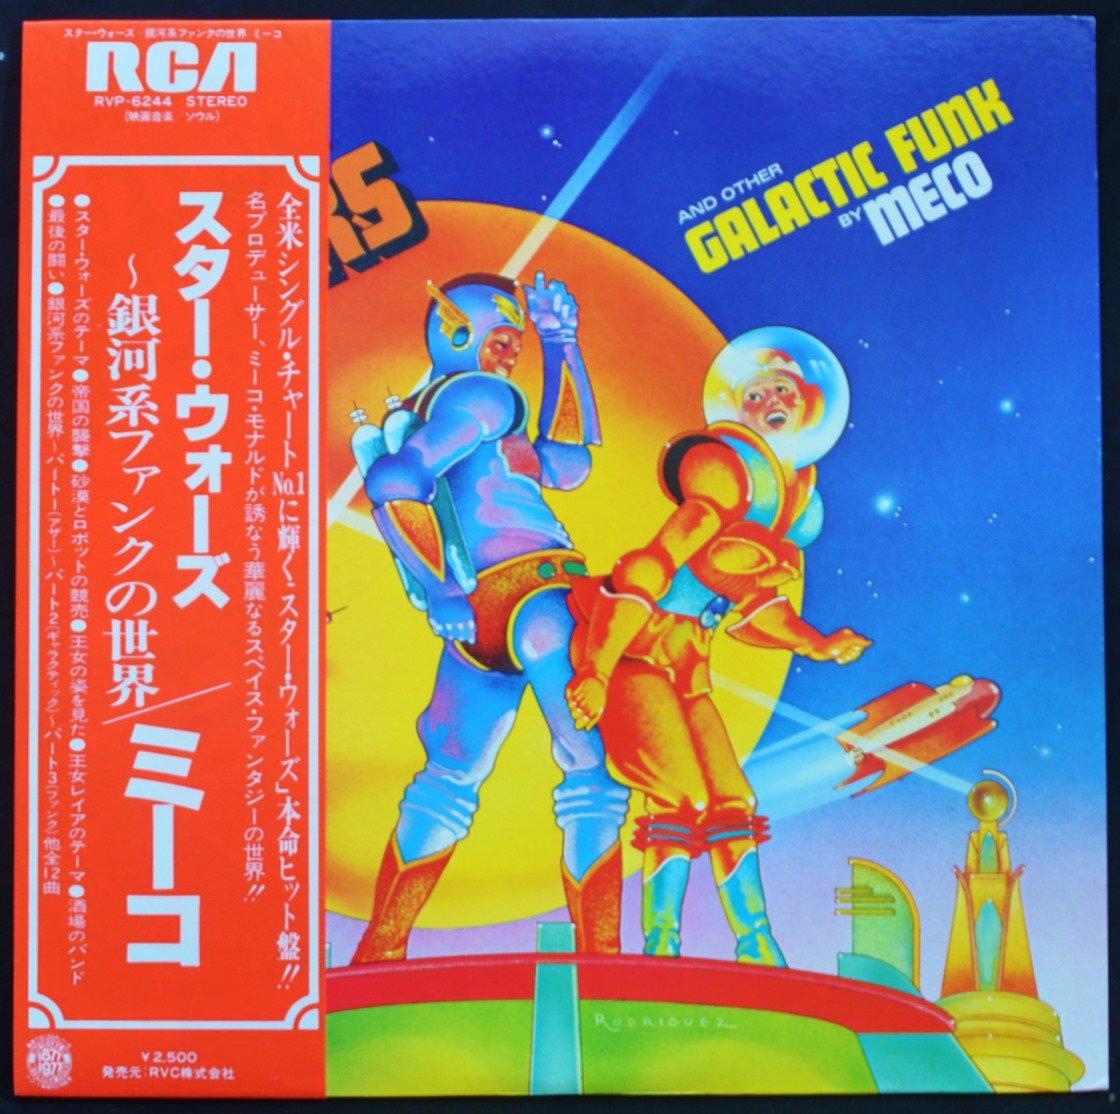 ミーコ MECO / スター・ウォーズ〜銀河系ファンクの世界 MUSIC INSPIRED BY STAR WARS AND OTHER GALACTIC FUNK (LP)